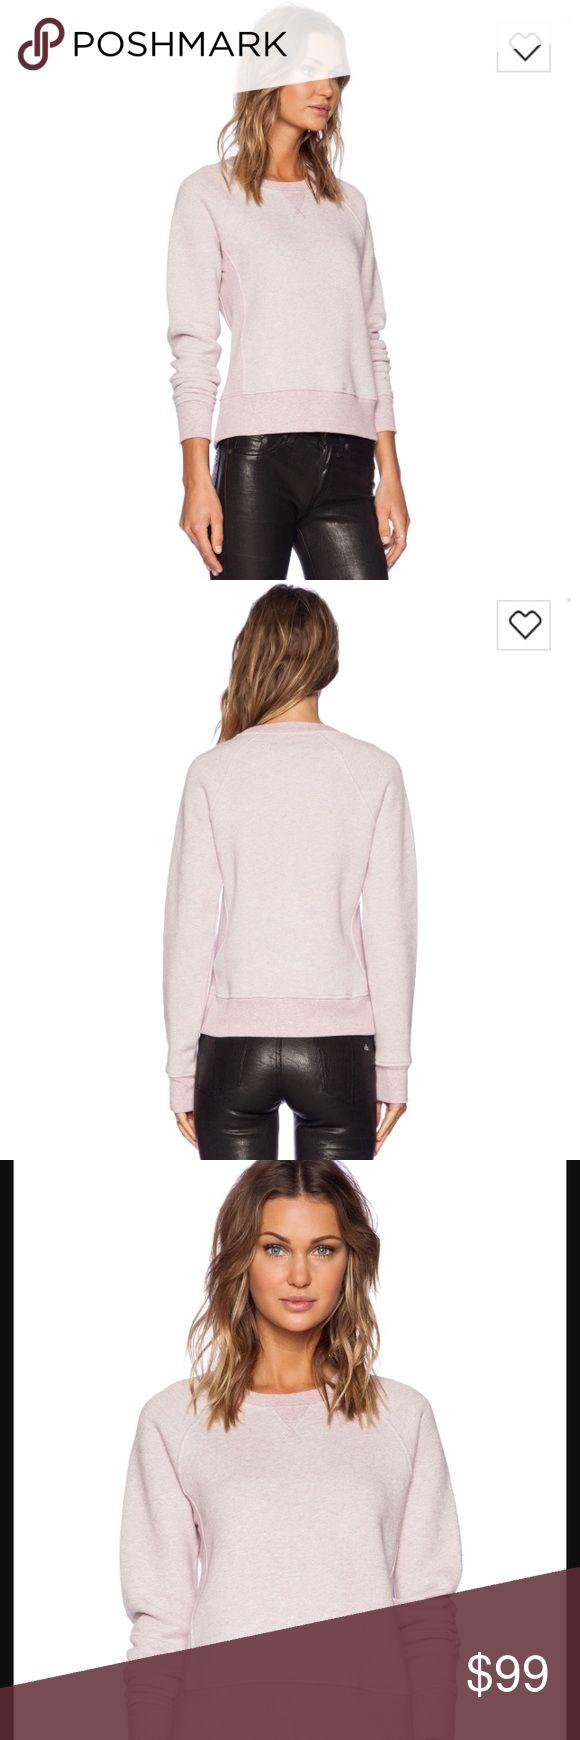 Rag & Bone Langford sweatshirt NWT Rag & Bone Langford sweatshirt in antique rose NWT 195$ retail amazing quality rag & bone Tops Sweatshirts & Hoodies